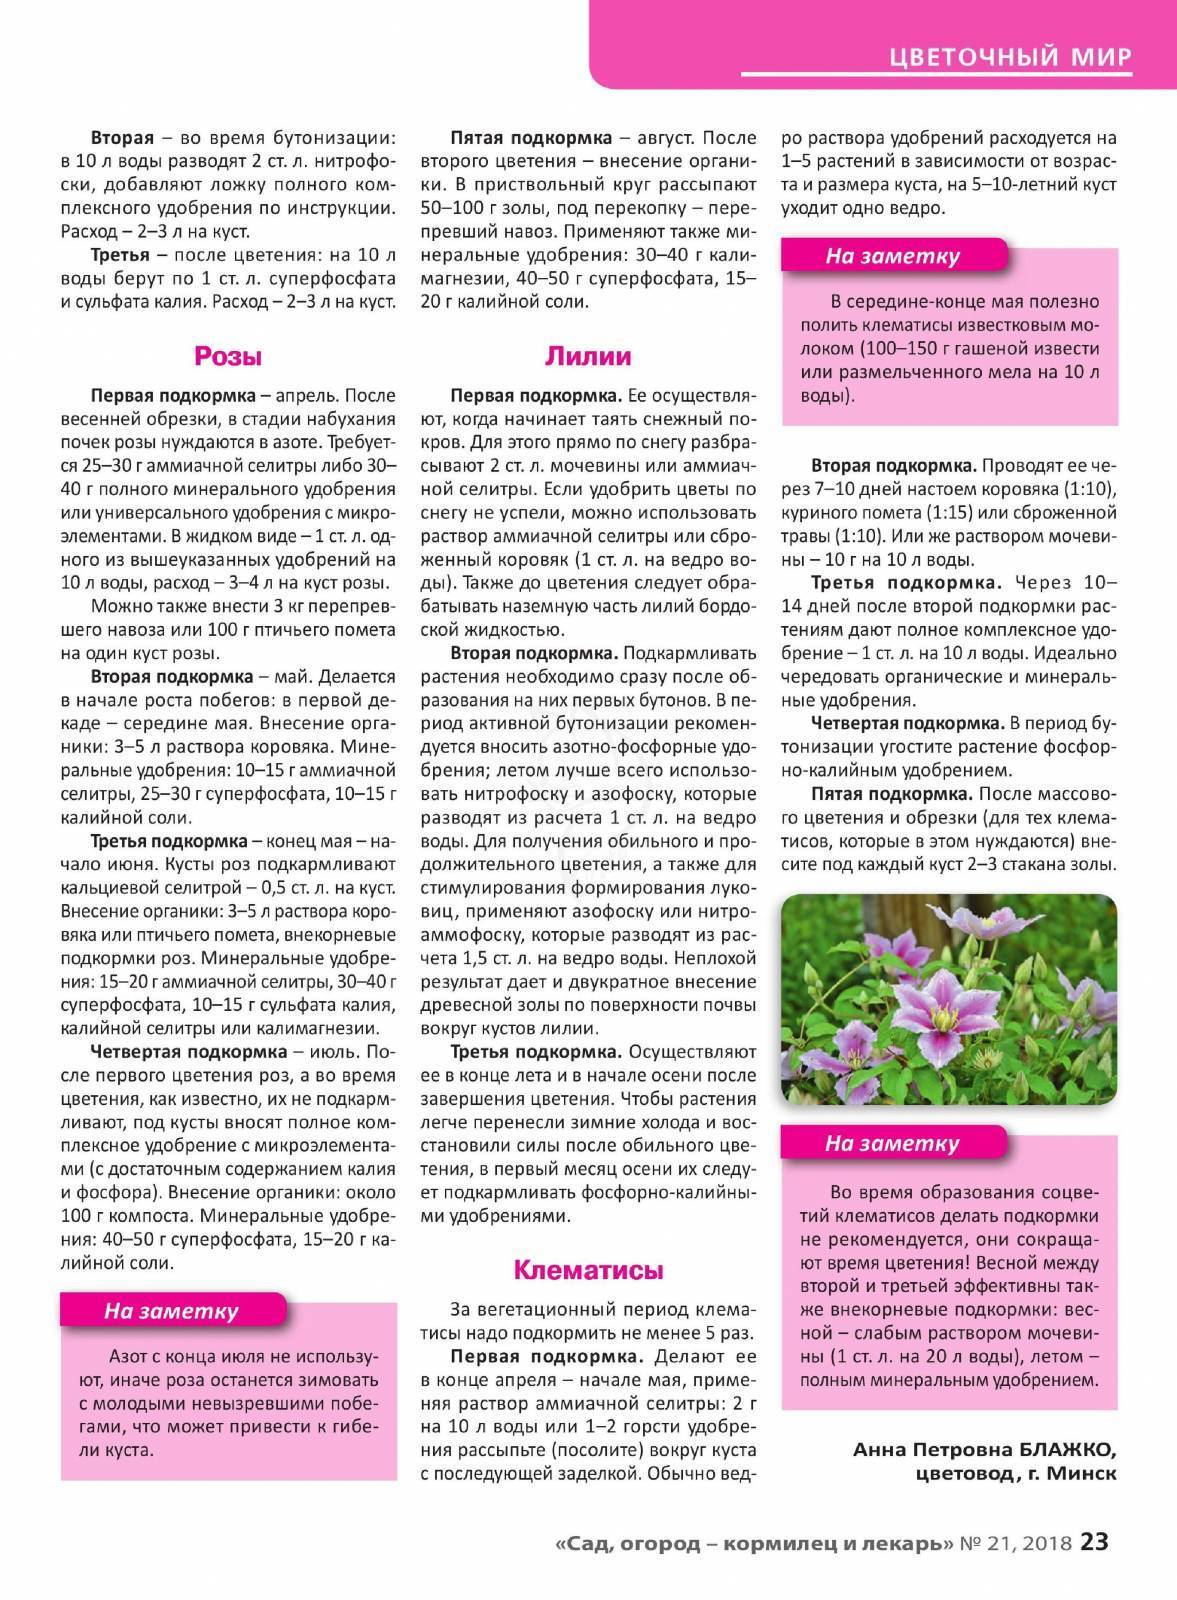 Чем удобрять розы при посадке, летом и весной: органические и минеральные удобрения